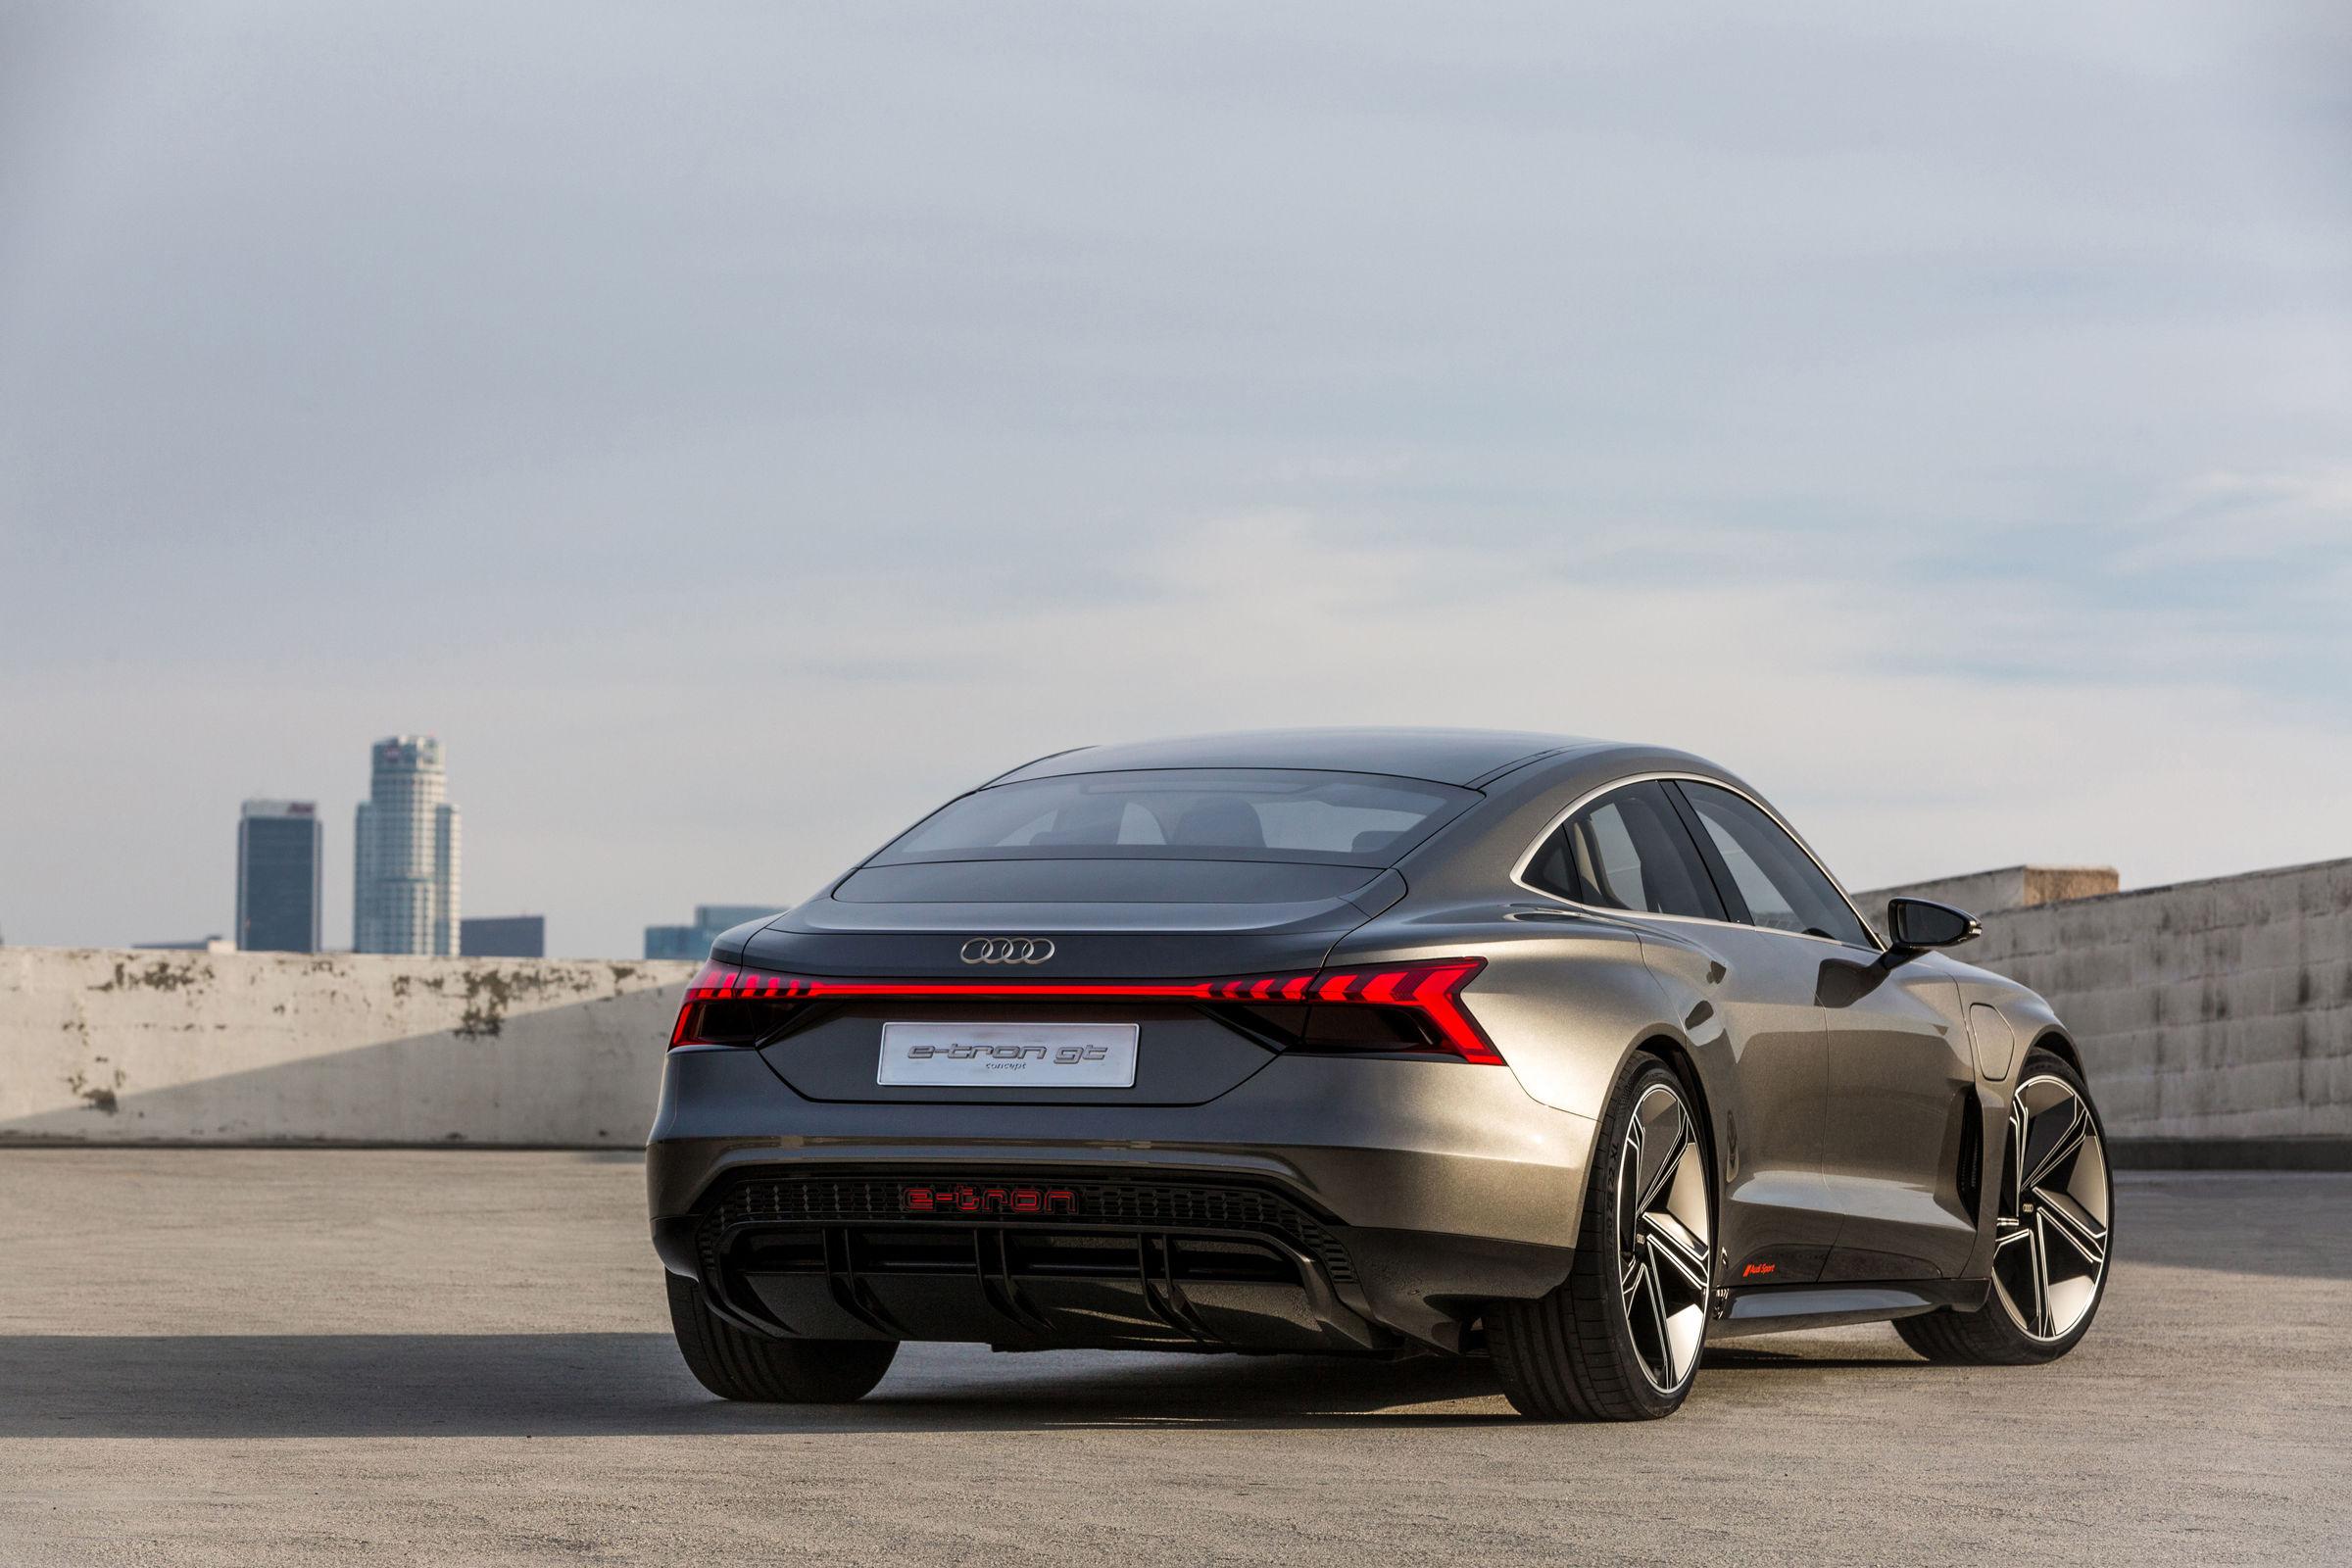 L'Audi e-tron GT Concept, de dos, qui devrait ressembler à quelques détails près à la version de série.